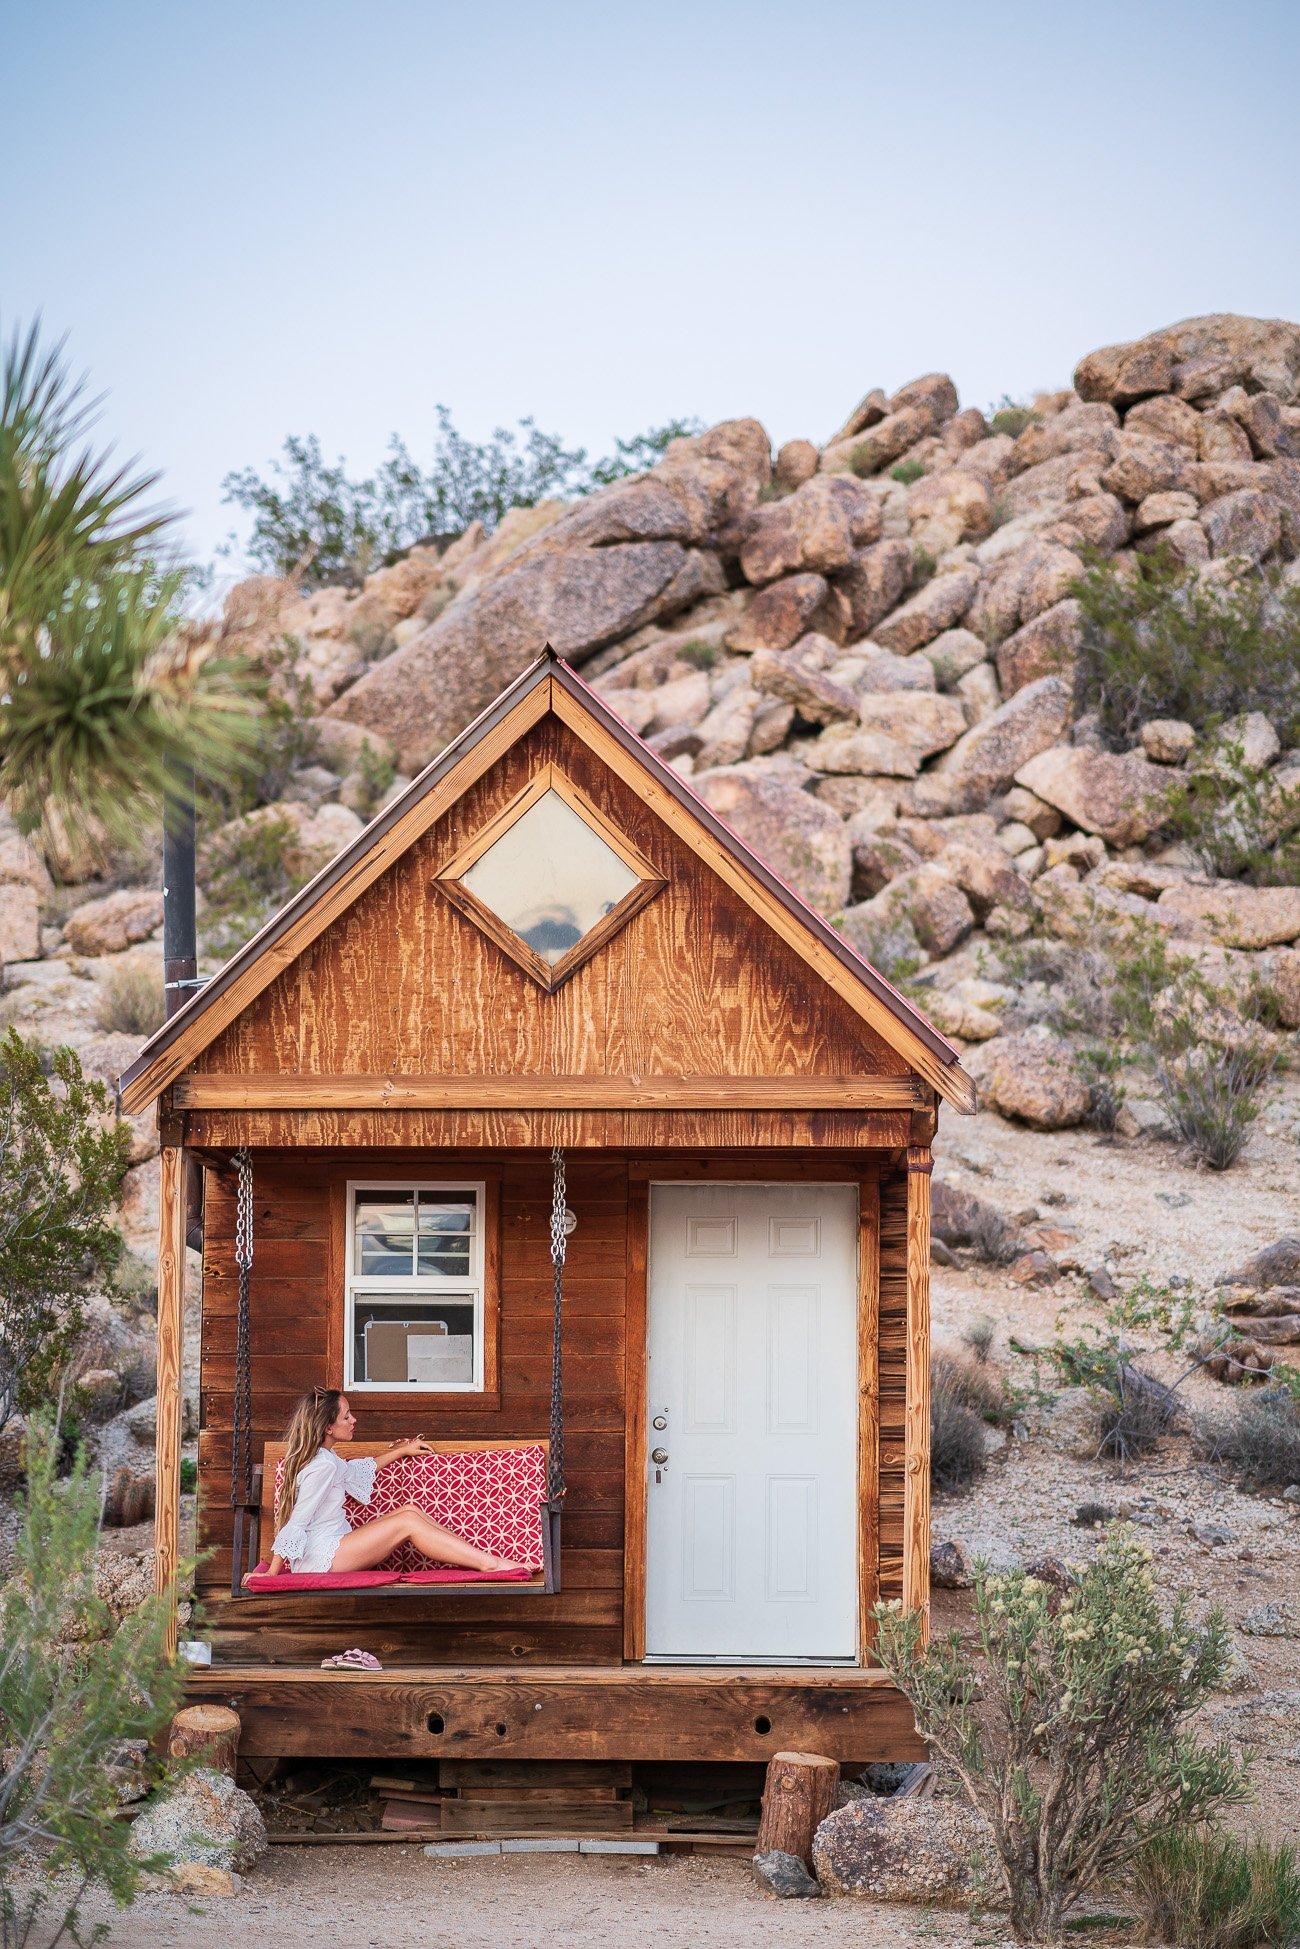 Joshua Tree Airbnb